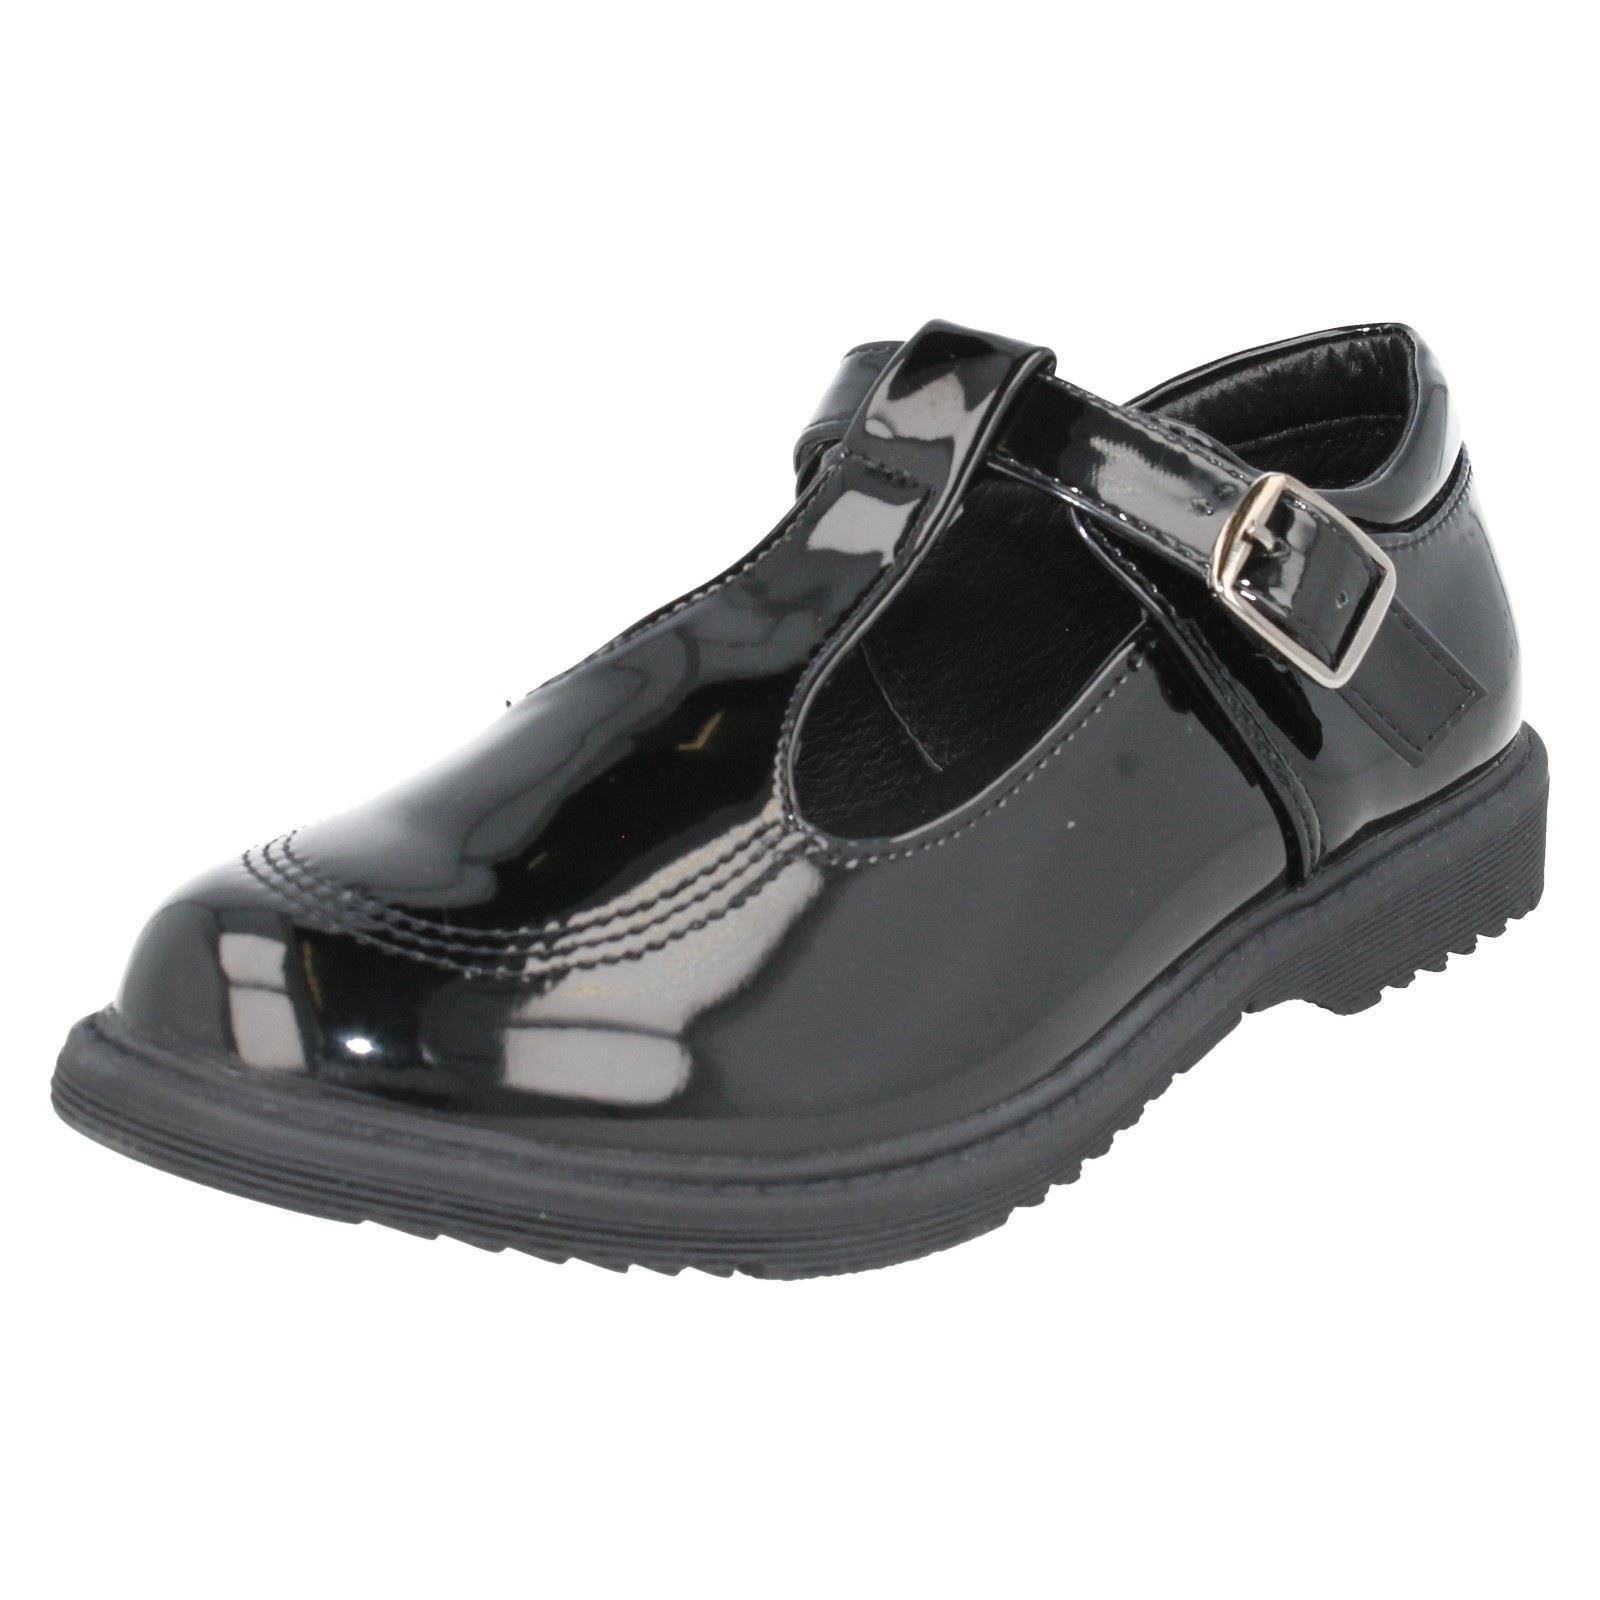 Chicas cool 4 Escuela Hebilla Correa Escuela Zapatos el estilo H2433